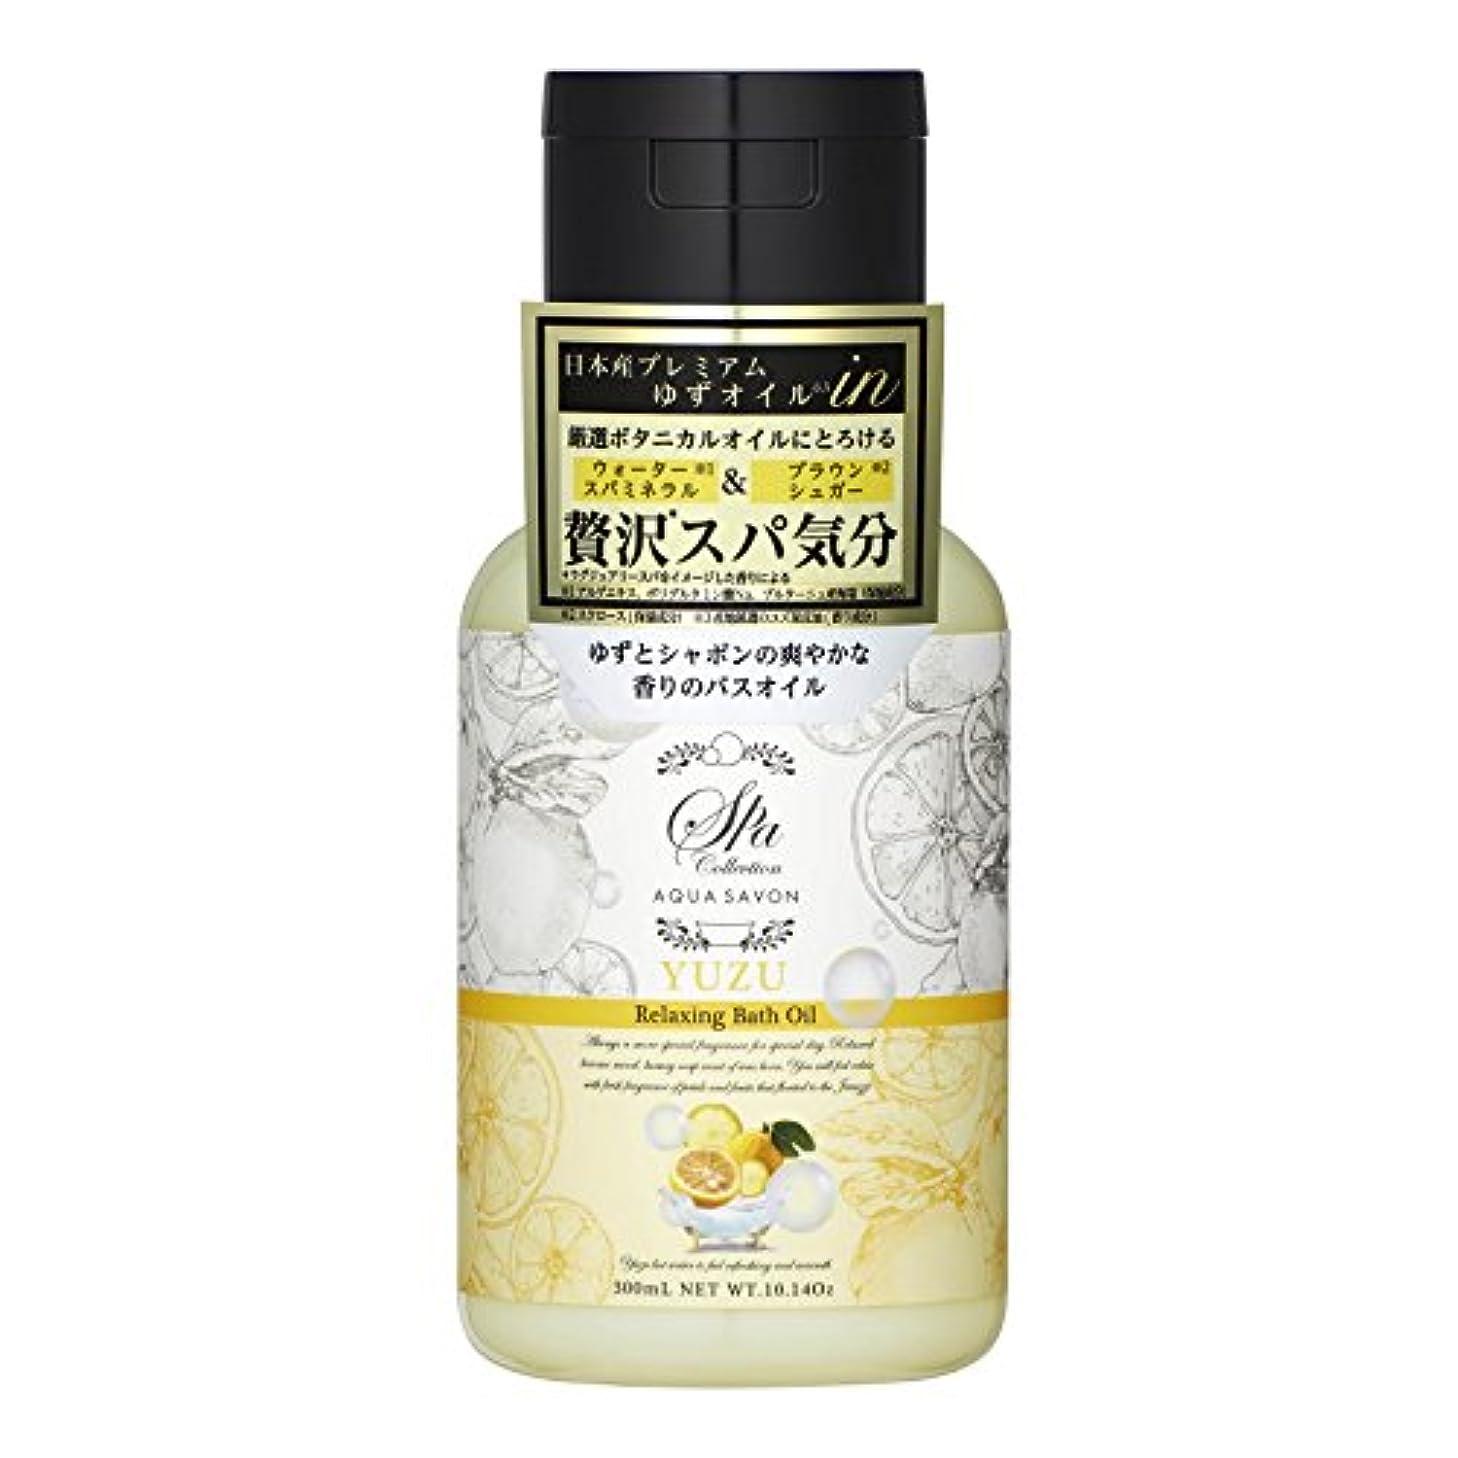 召集するキャンパスペイントアクアシャボン スパコレクション リラクシングバスオイル ゆずスパの香り 300mL